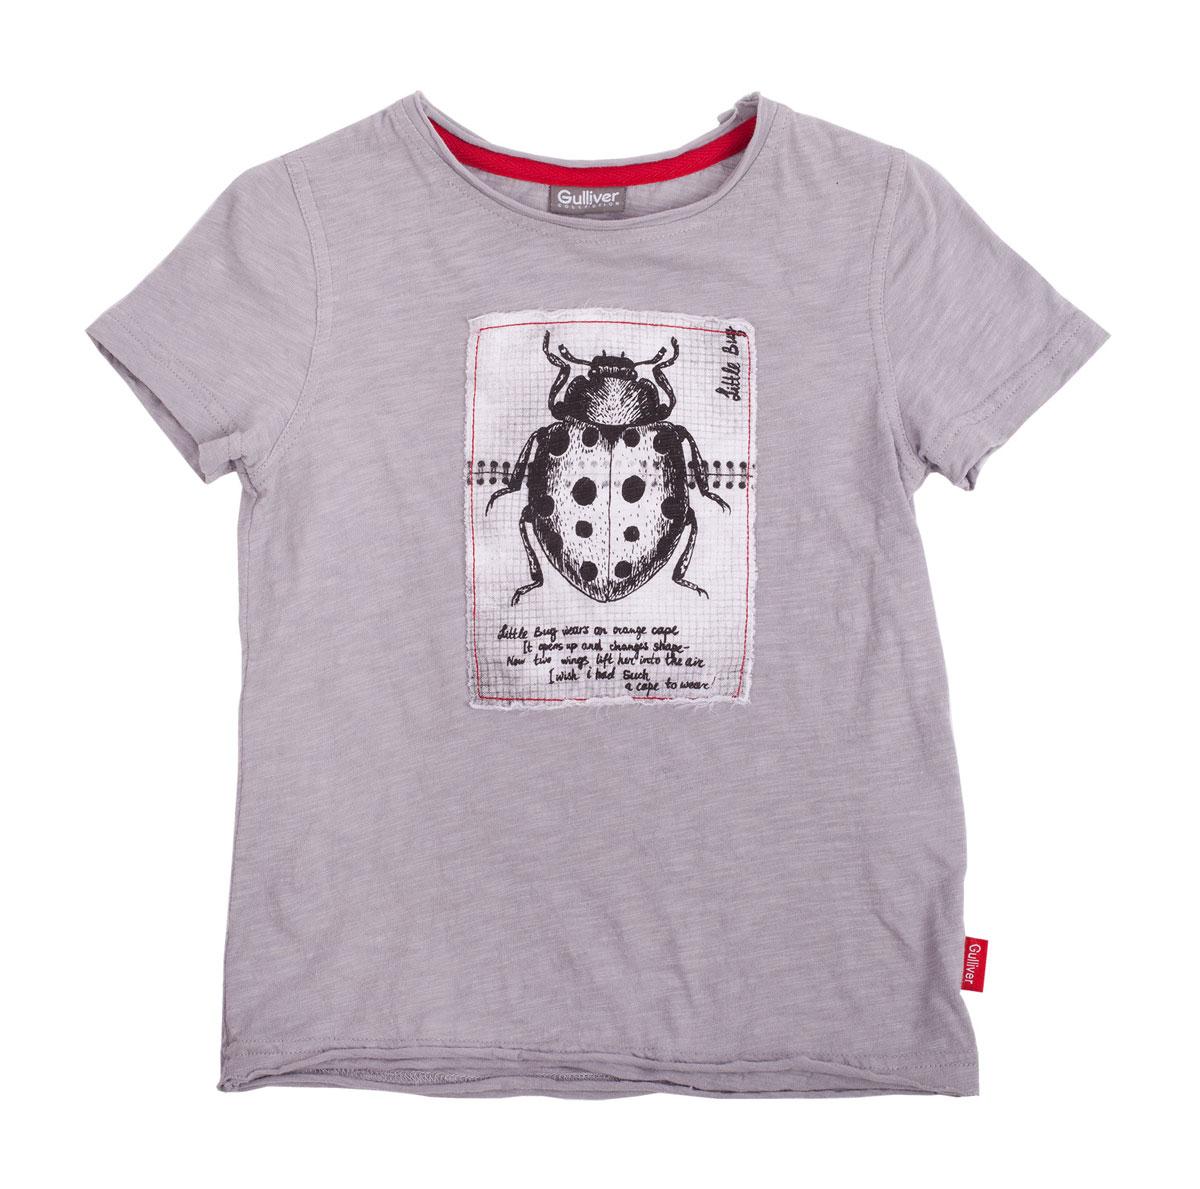 Футболка для мальчика. 11603BMC120111603BMC1201Вы хотите купить модную серую футболку для мальчика? Предпочитаете приобрести интересную необычную модель и качественную брендовую вещь, которая добавит в гардероб ребенка изюминку и придаст летнему образу небрежную элегантность? Тогда эта классная футболка со стильной принтованной нашивкой - отличный выбор! Серая футболка с открытыми срезами и актуальным эффектом легкой потертости, состаренности выполнена из мягкого 100% хлопка. Она сделает каждый день малыша увлекательным и комфортным!